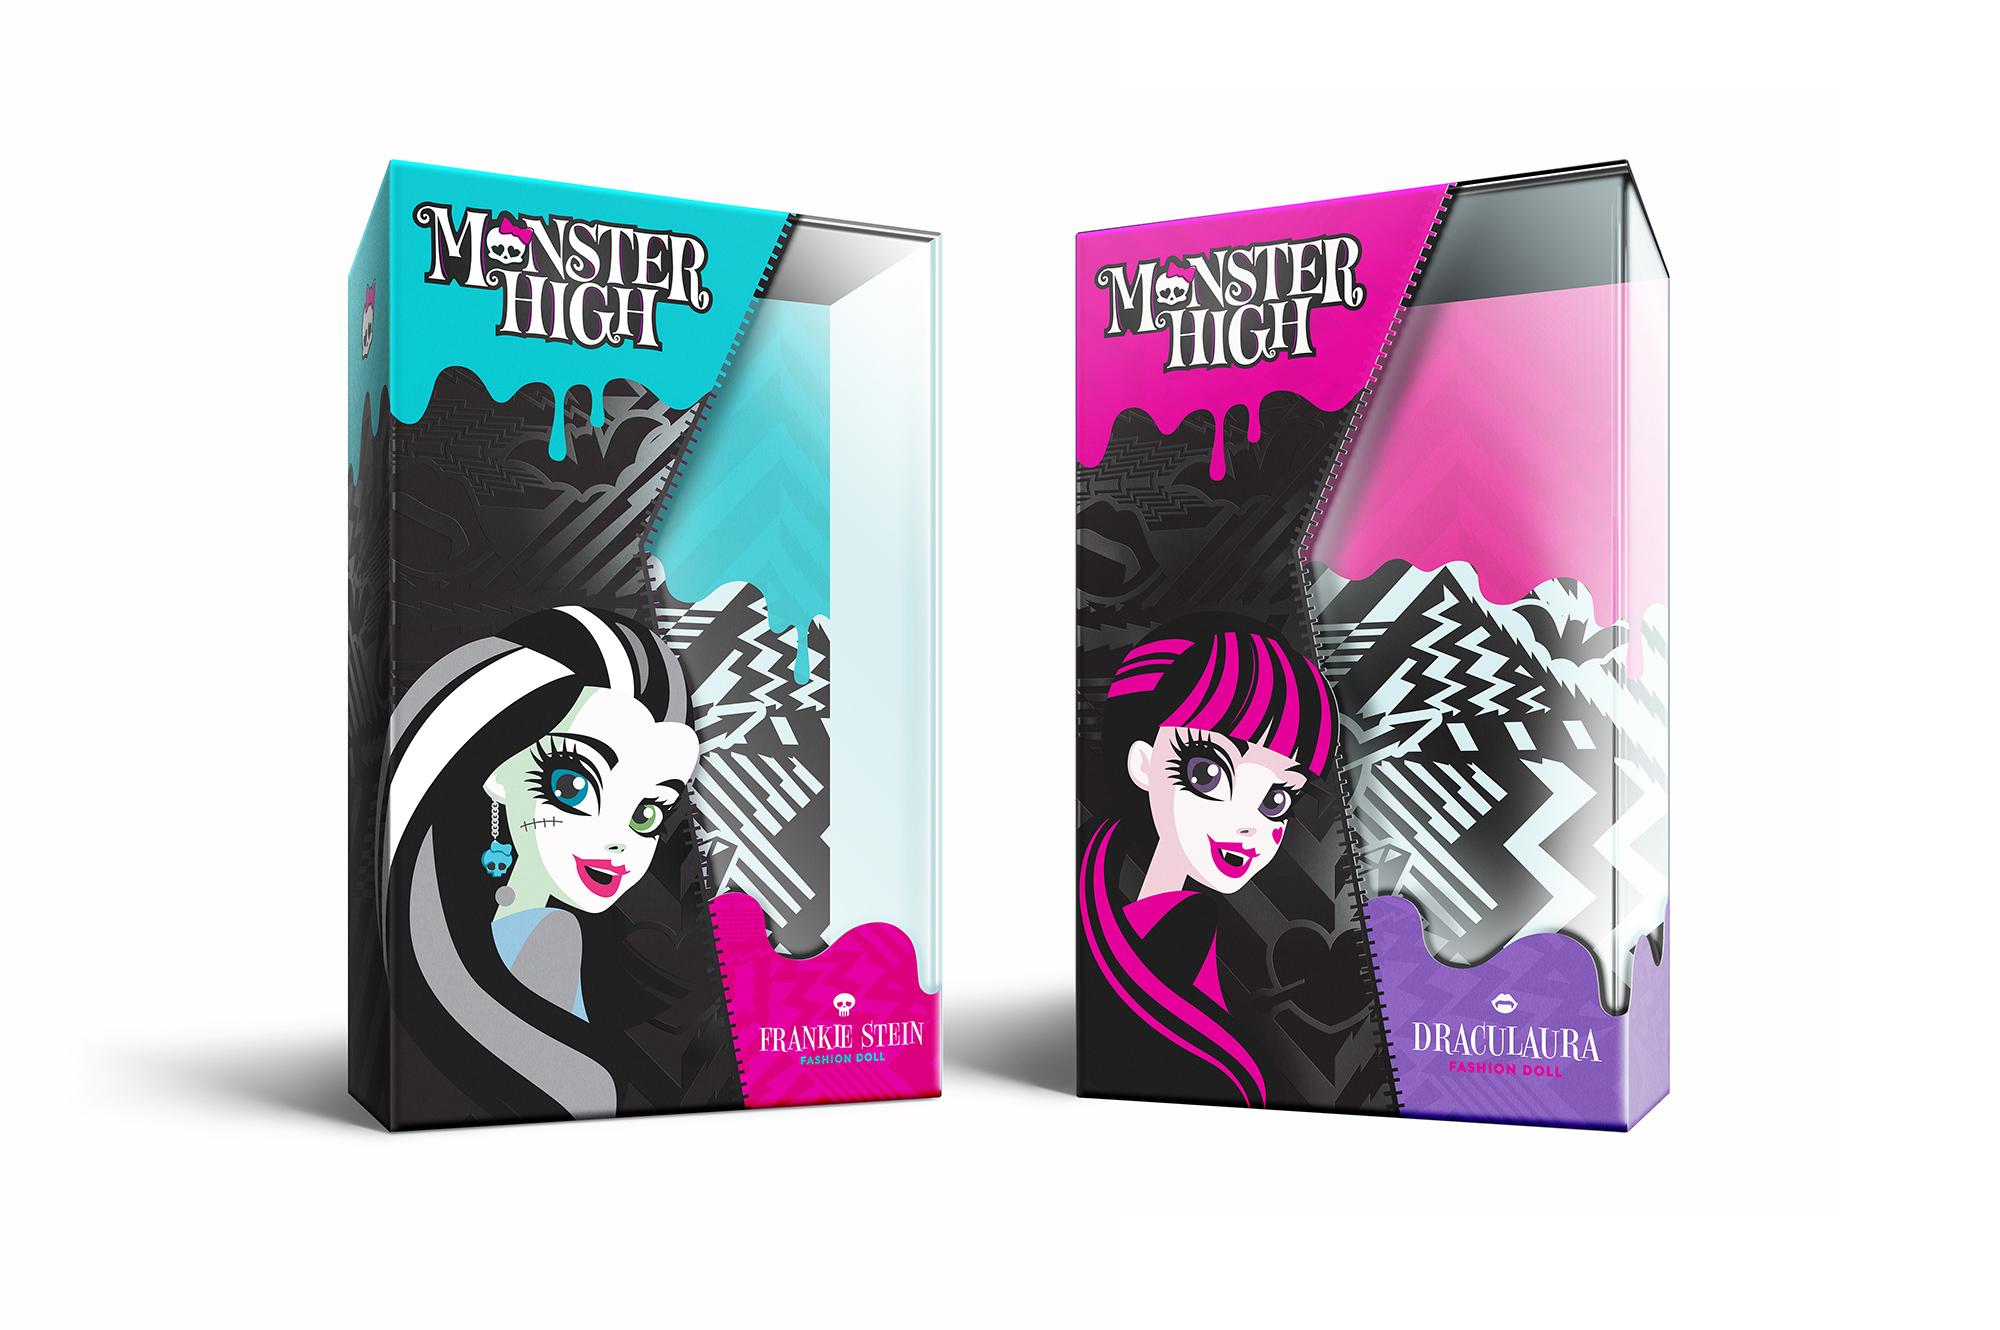 Monster high mattson 01